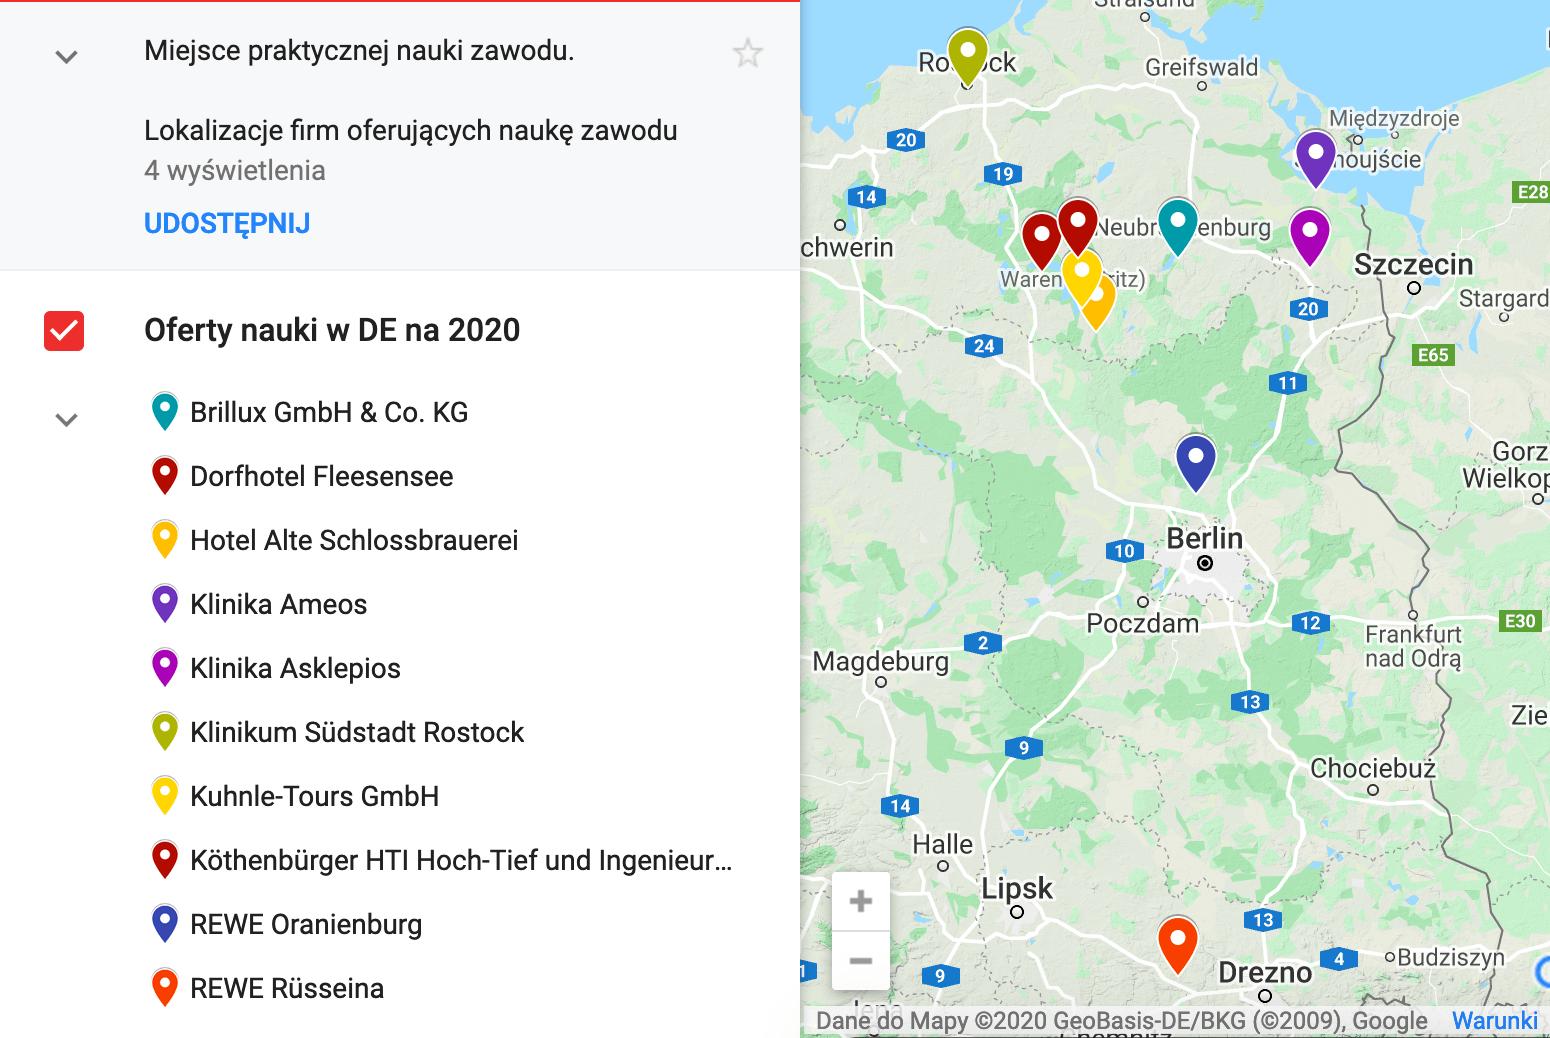 mapa Niemiec z firmami uczacymi zawodu